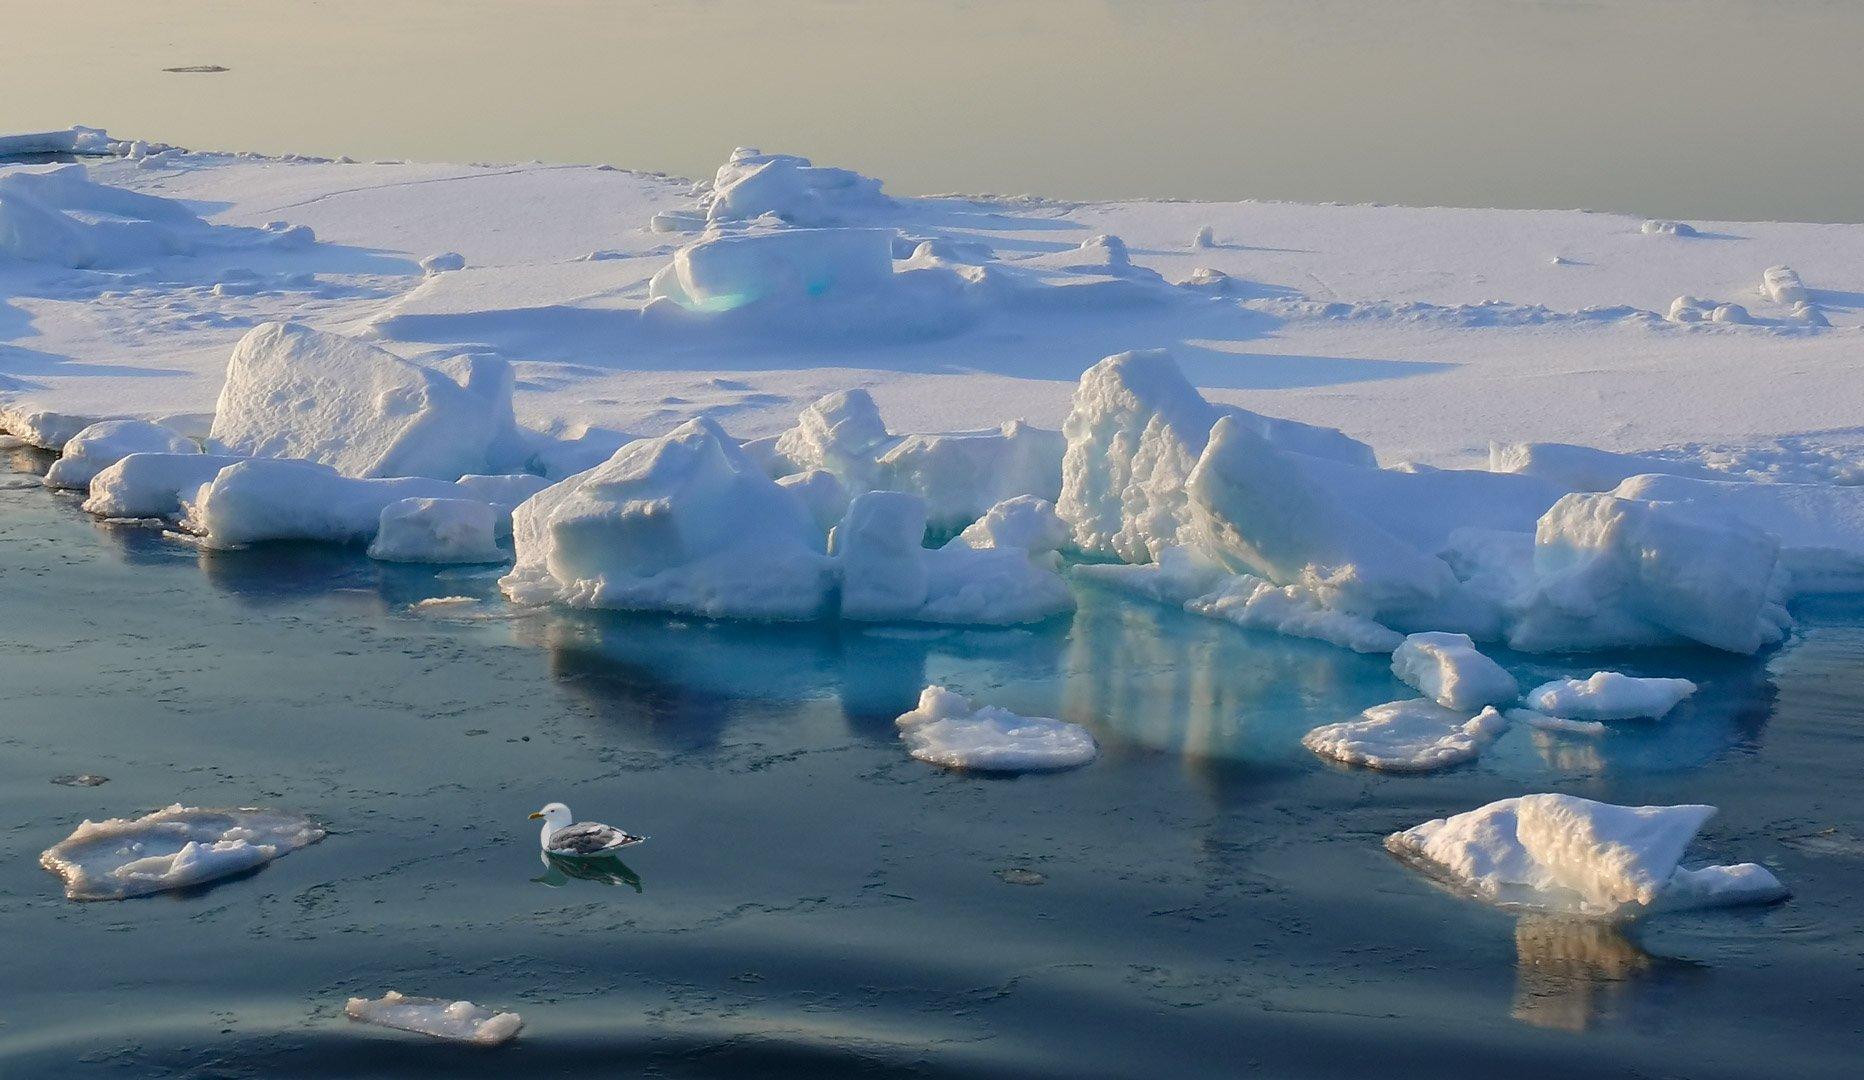 весна, охотское море, льдина, чайка, закатный свет, Евгений Паршуков